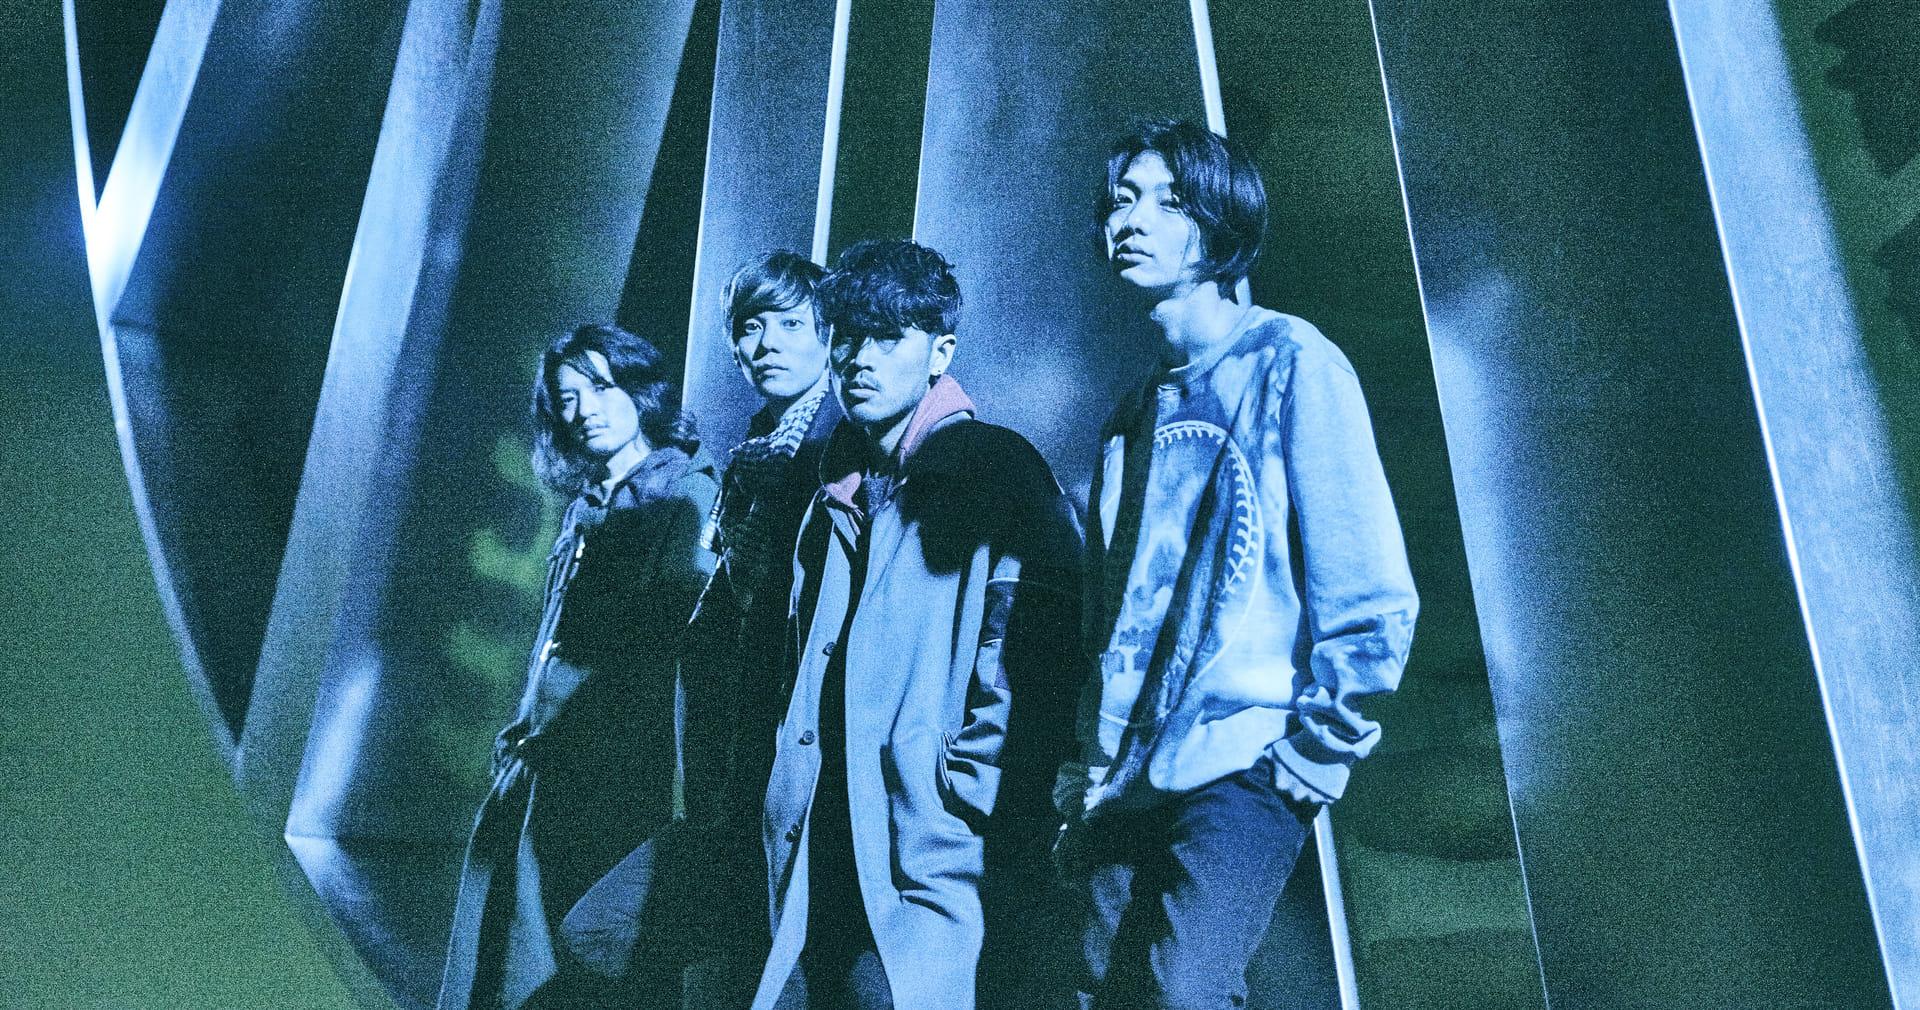 CHAI (バンド)の画像 p1_37